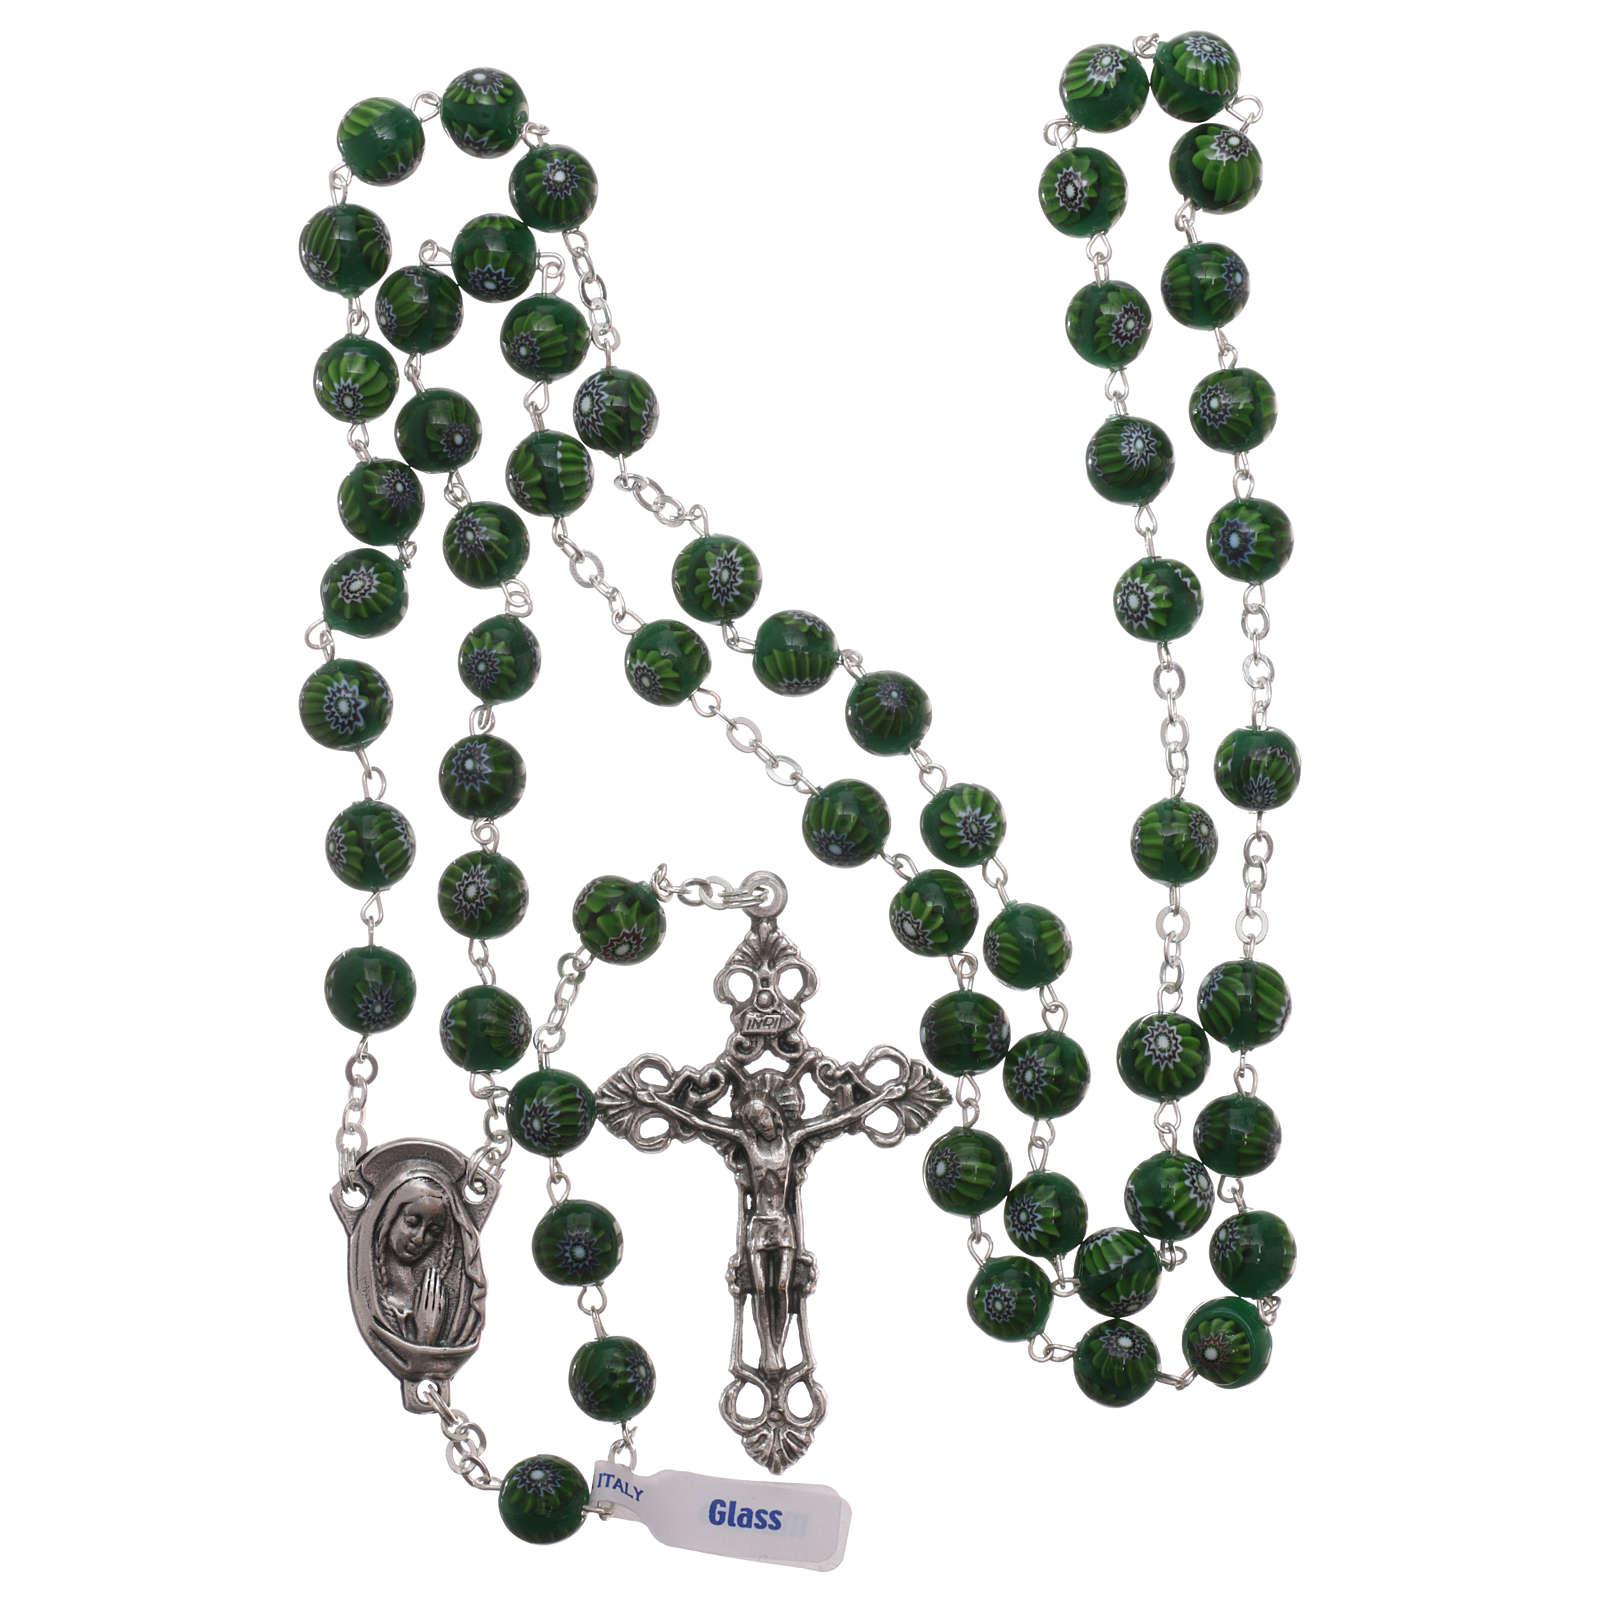 Rosario de vidrio de Murano verde con motivos florales de los granos 8 mm 4